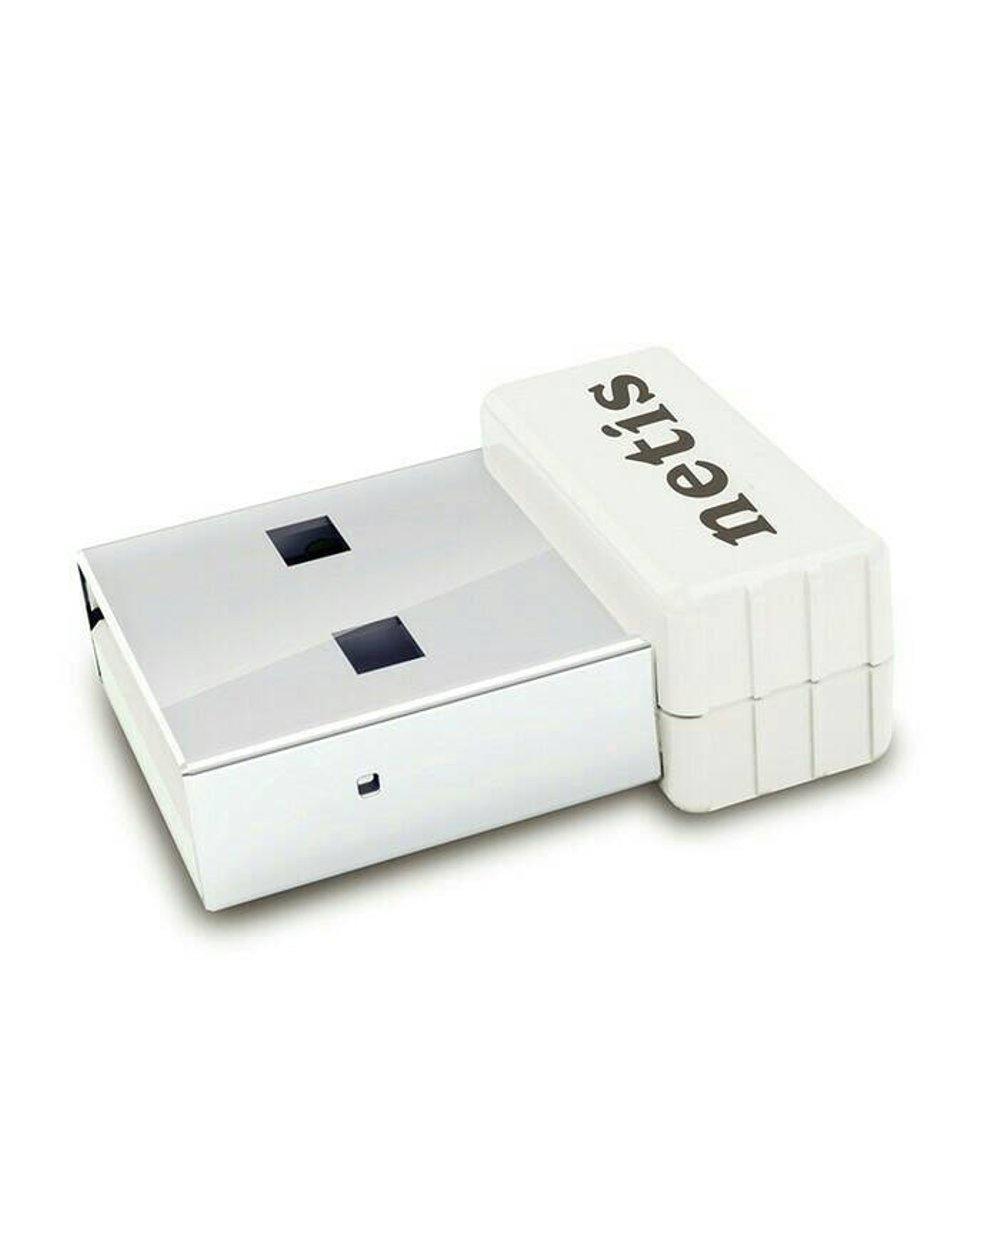 Wi-Fi адаптер NETIS WF2120, белый